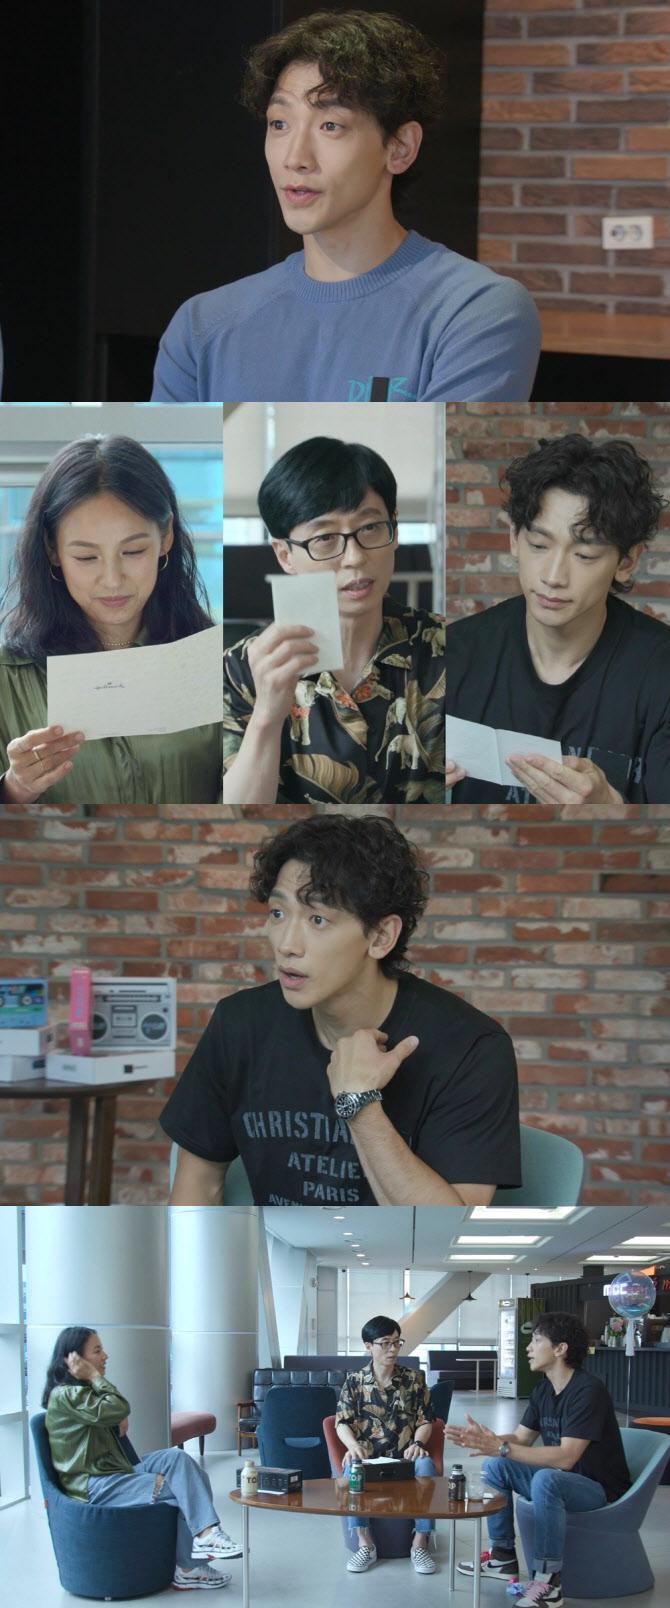 '놀면 뭐하니?' 비룡, 유두래곤·린다G 위한 특별한 '싹쓰리 이별식'